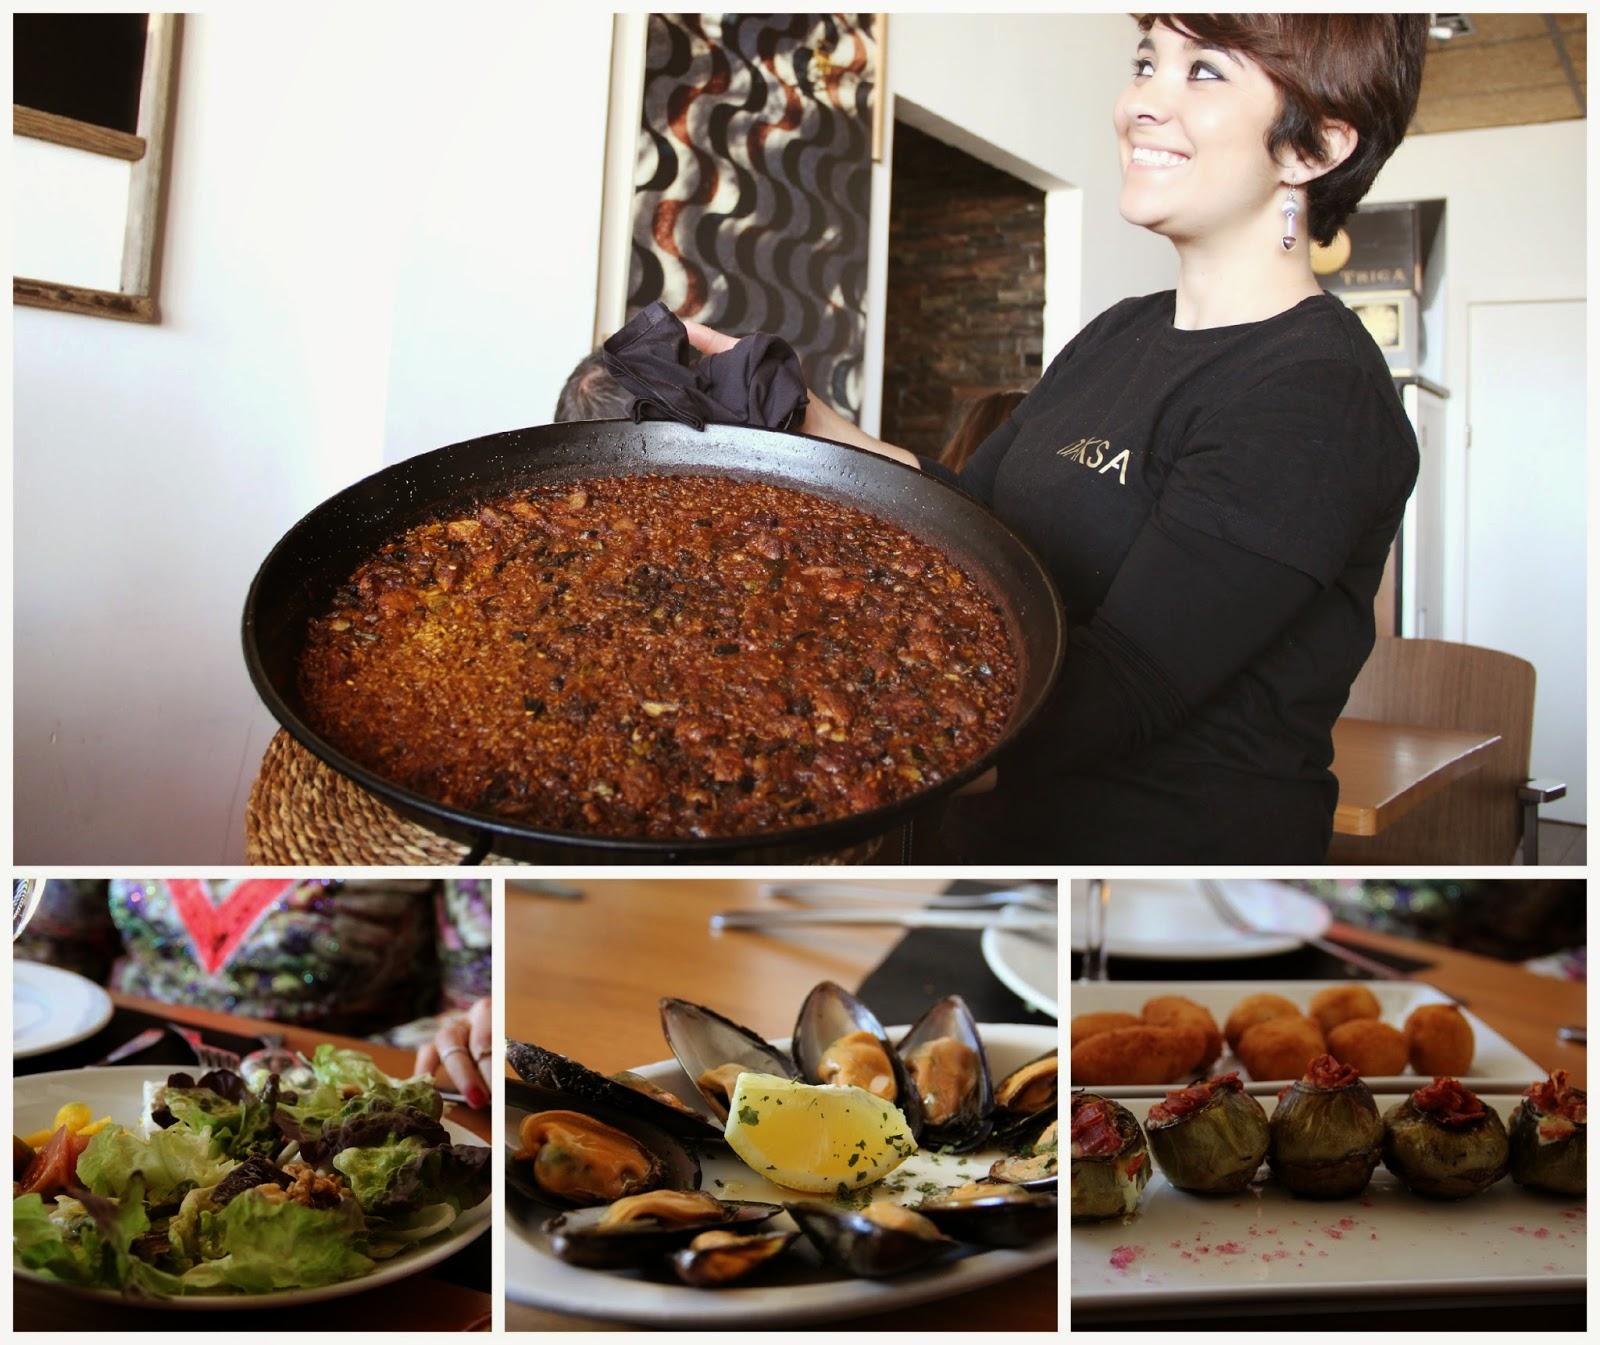 Daksa Arrocería - Comida mediterránea - Alicante - Restaurantes